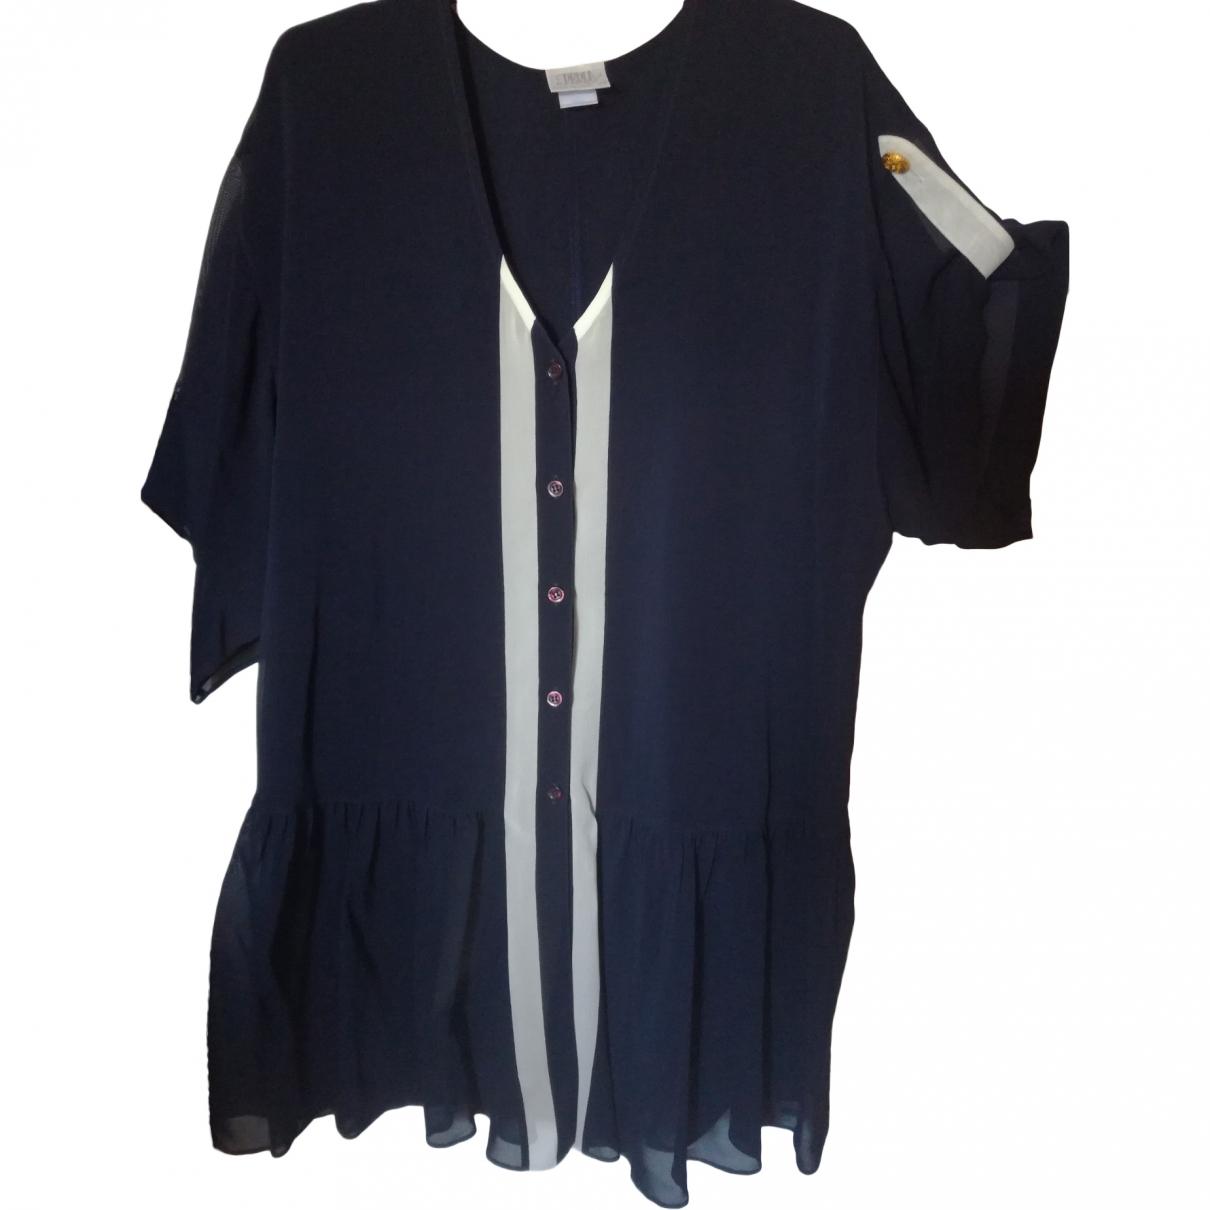 La Perla \N Blue dress for Women 44 IT